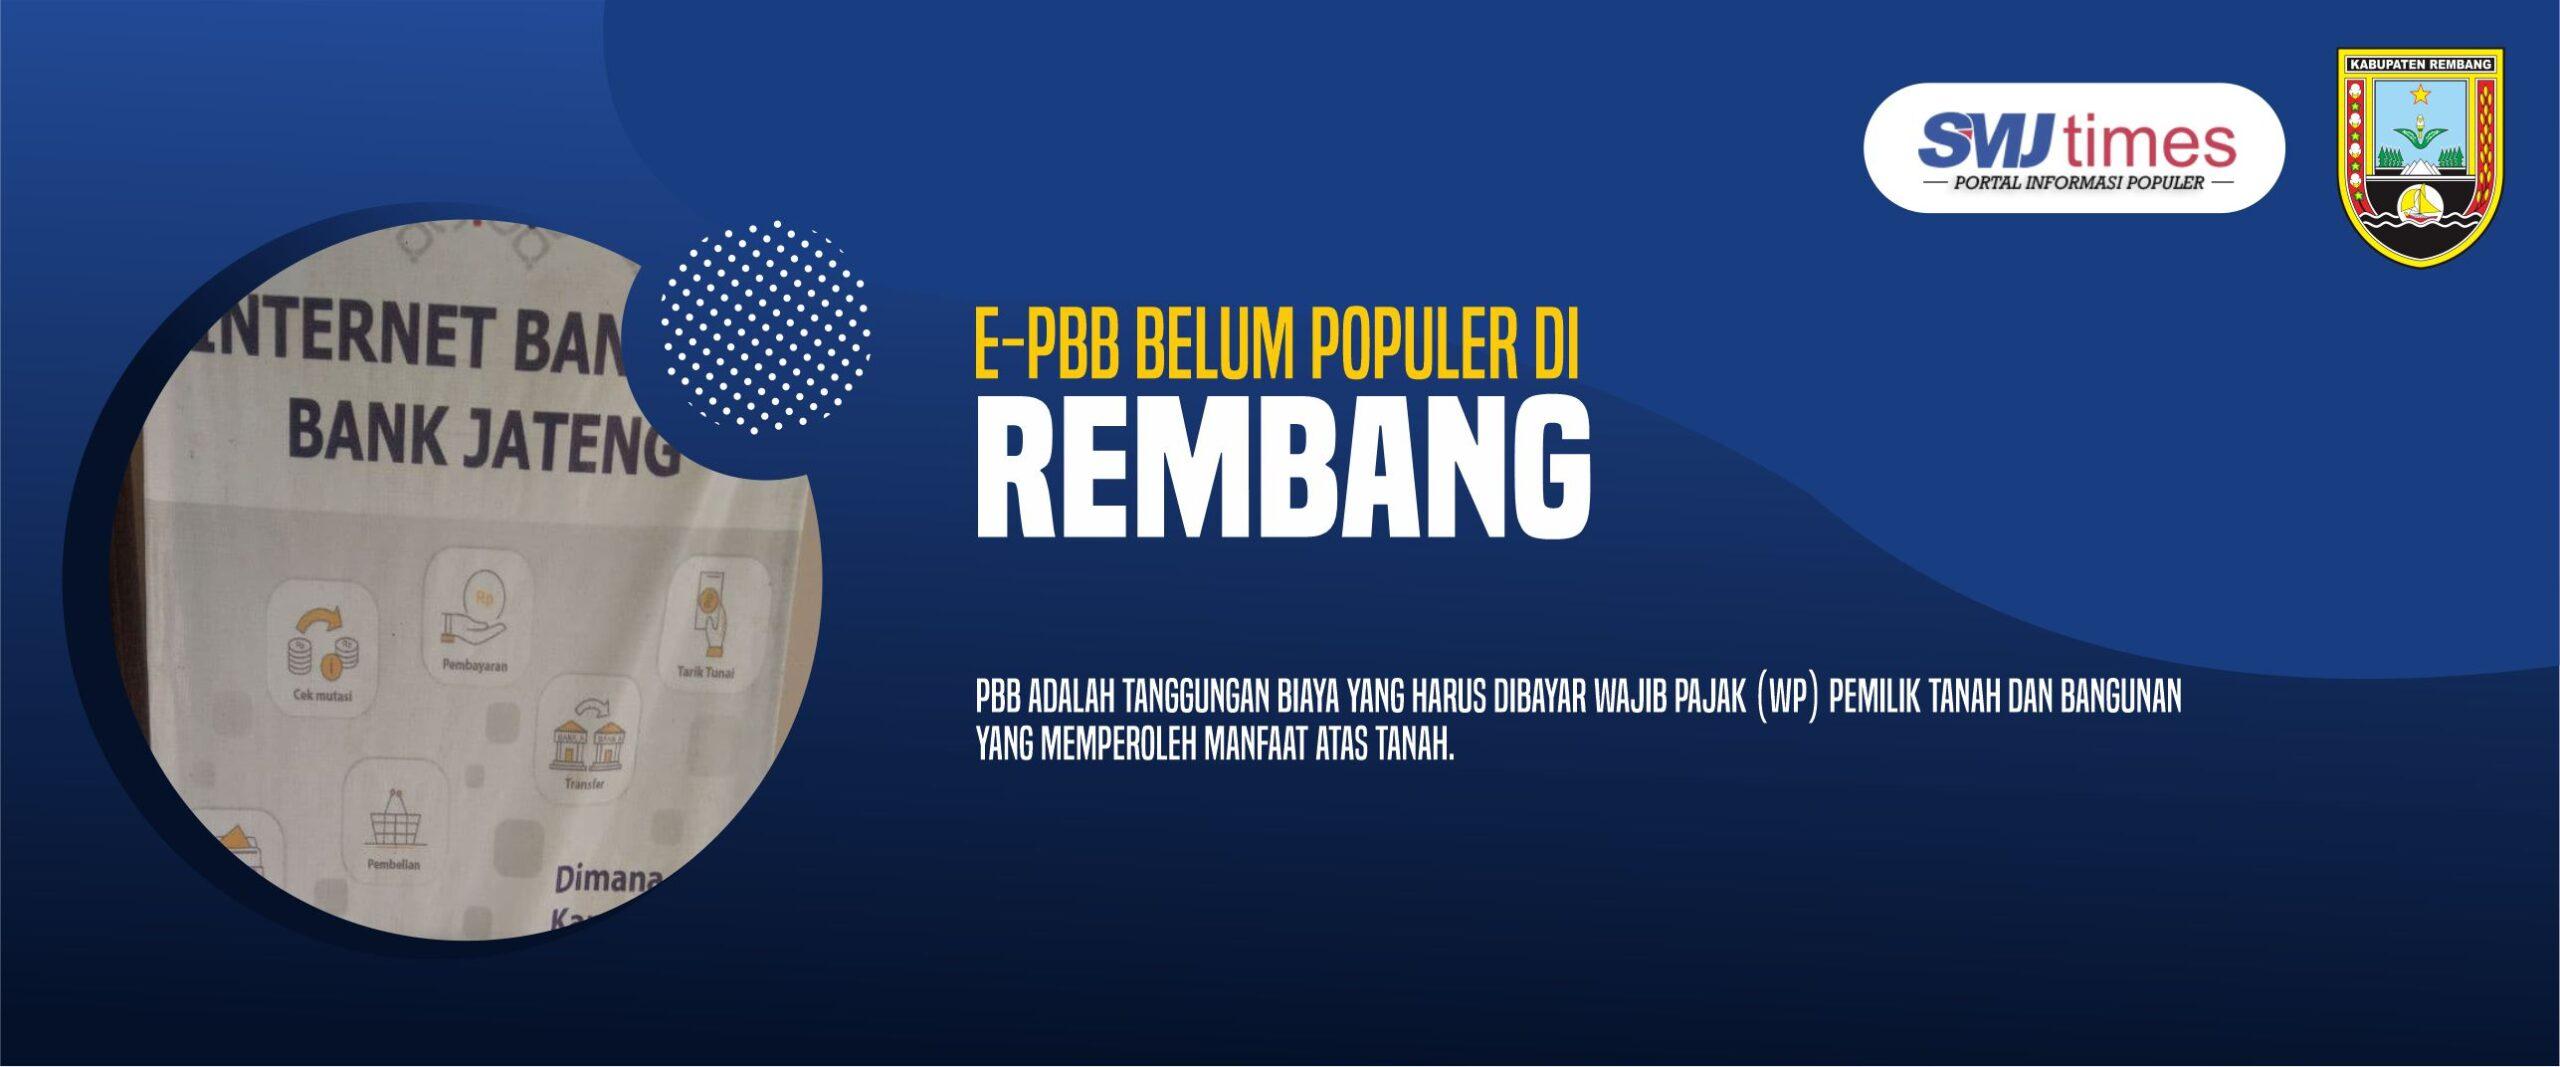 E-PBB Belum Populer di Rembang.jpg